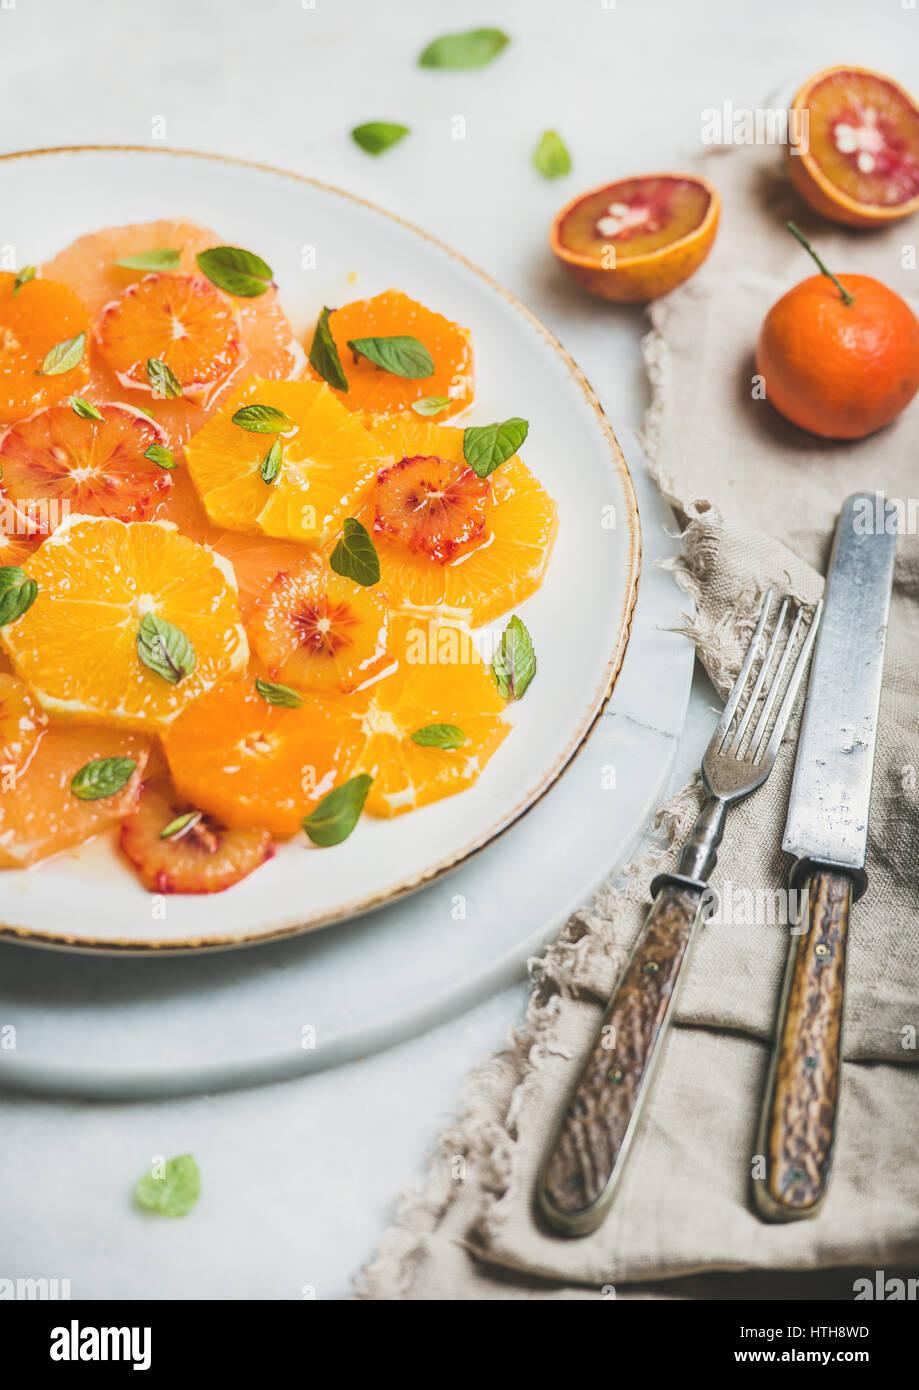 Frais végétarien salade mixte avec la menthe et le miel Photo Stock